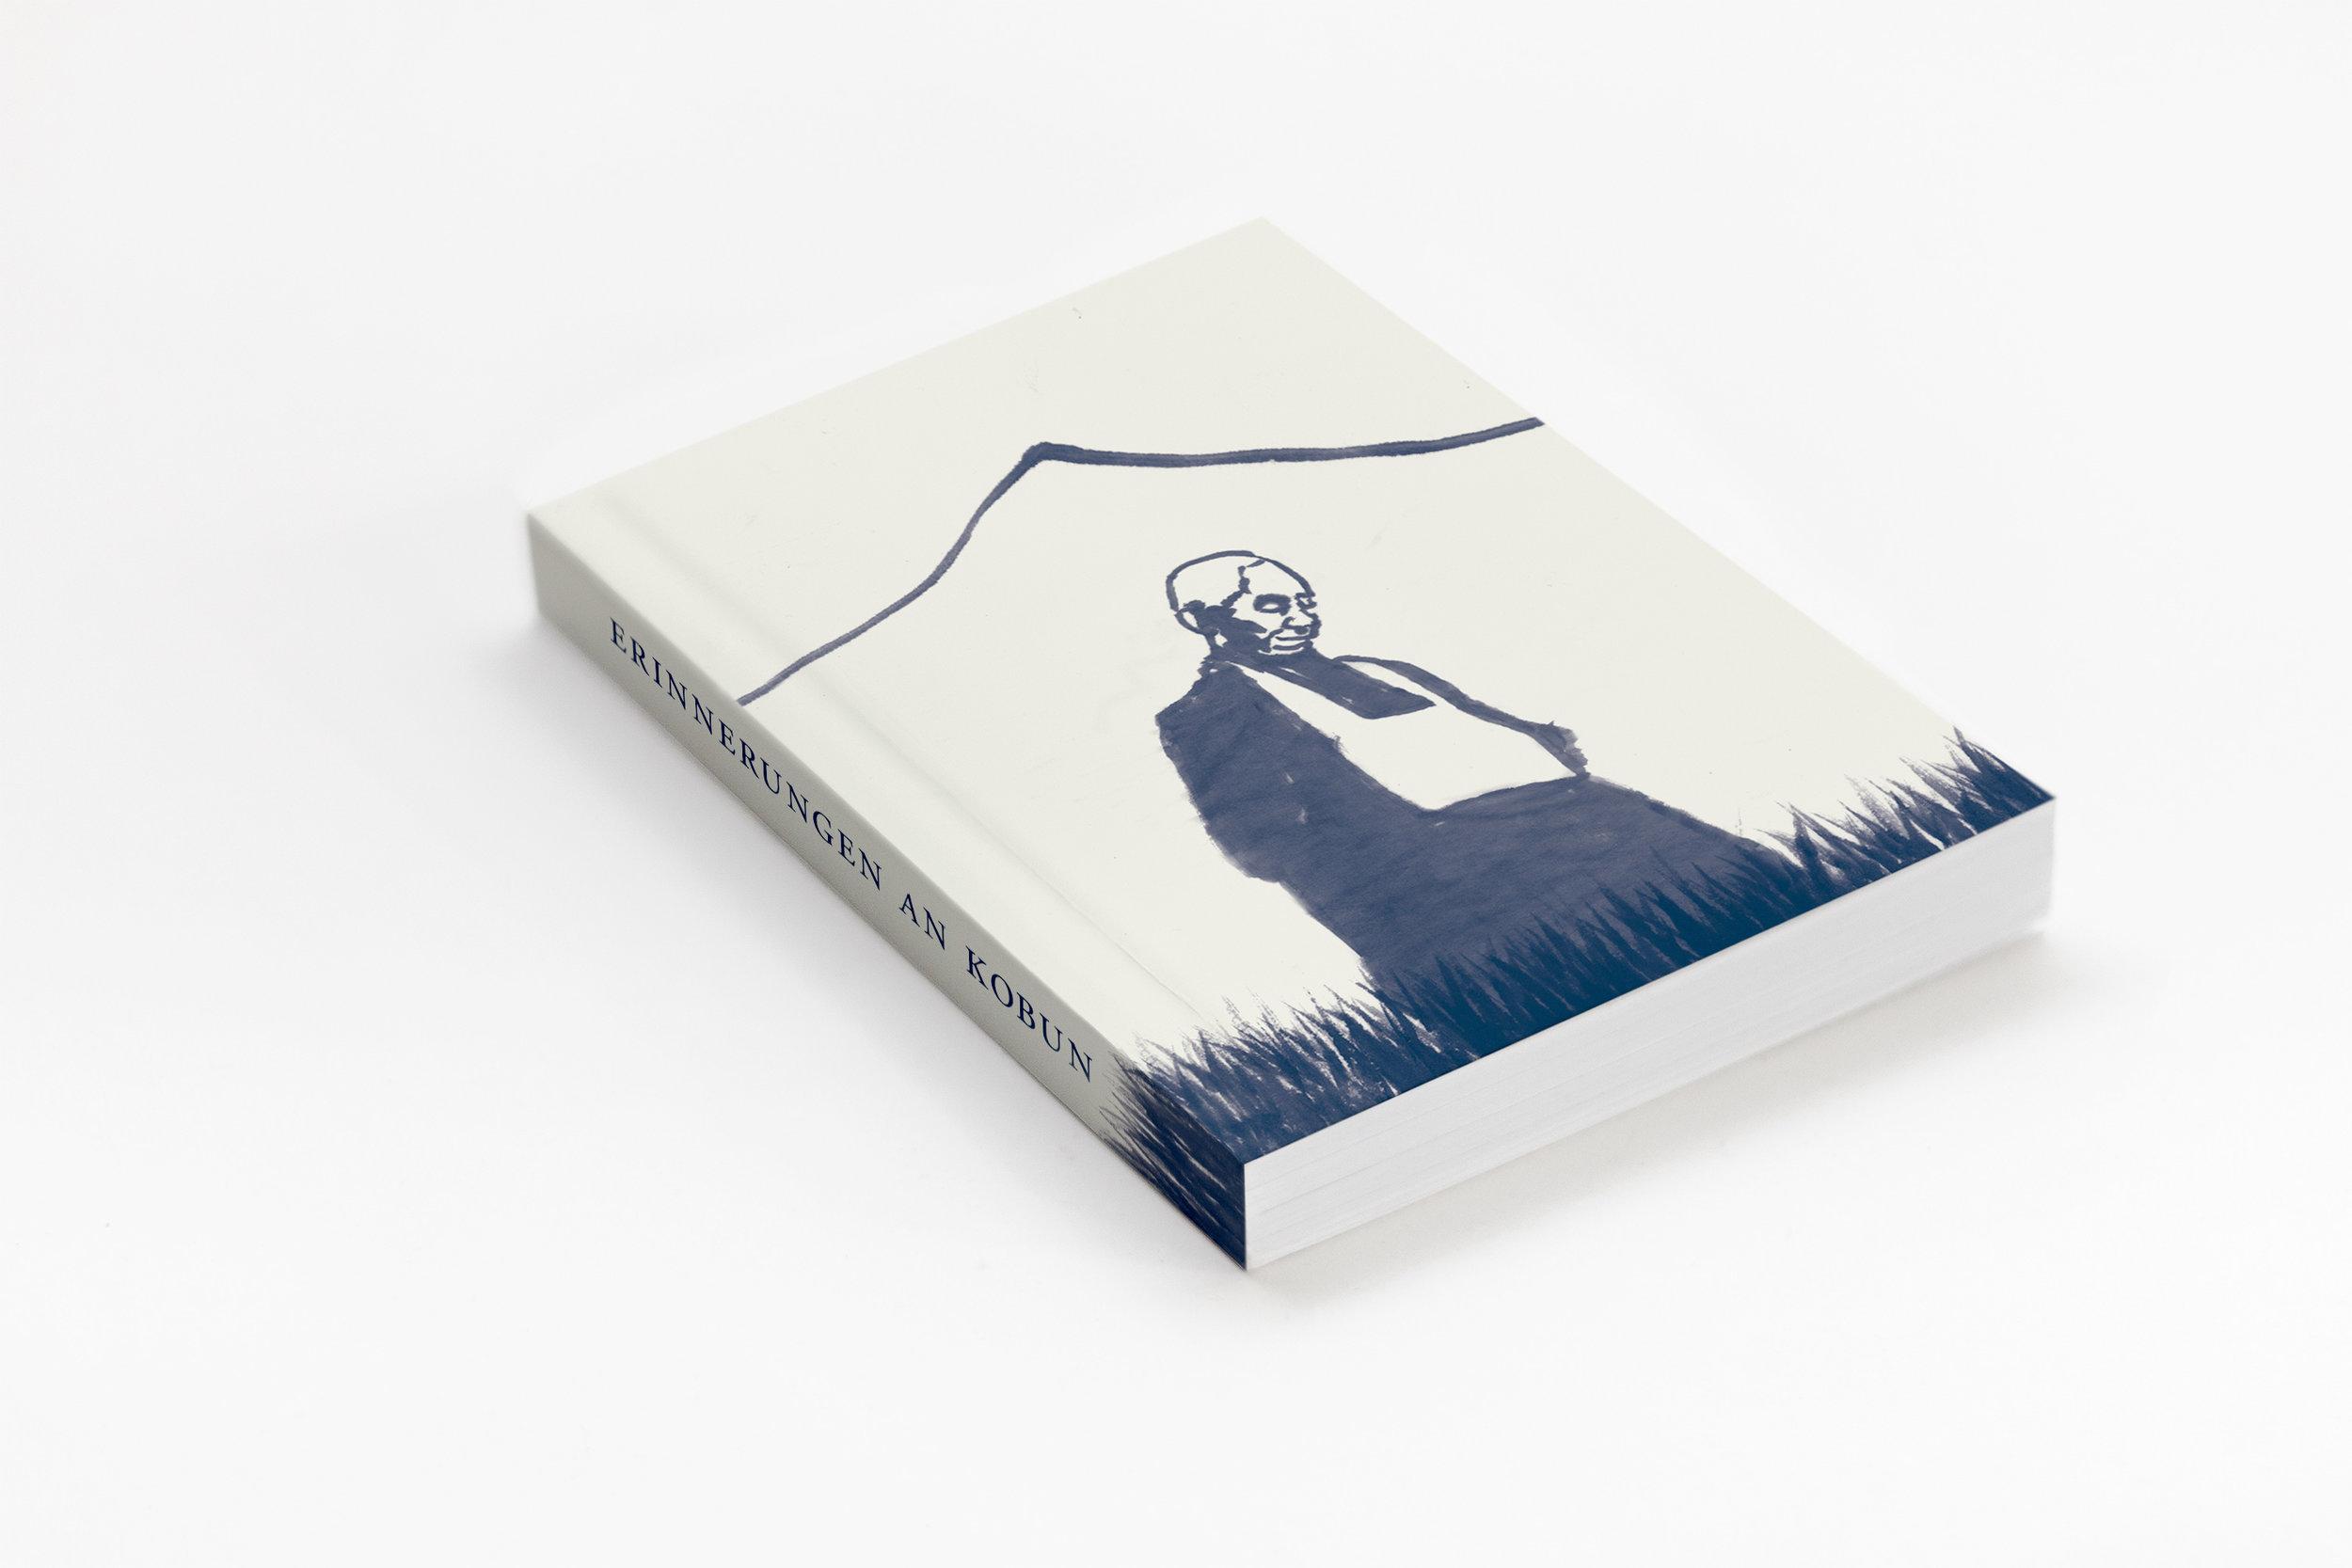 Kobun_Bookcover.jpg